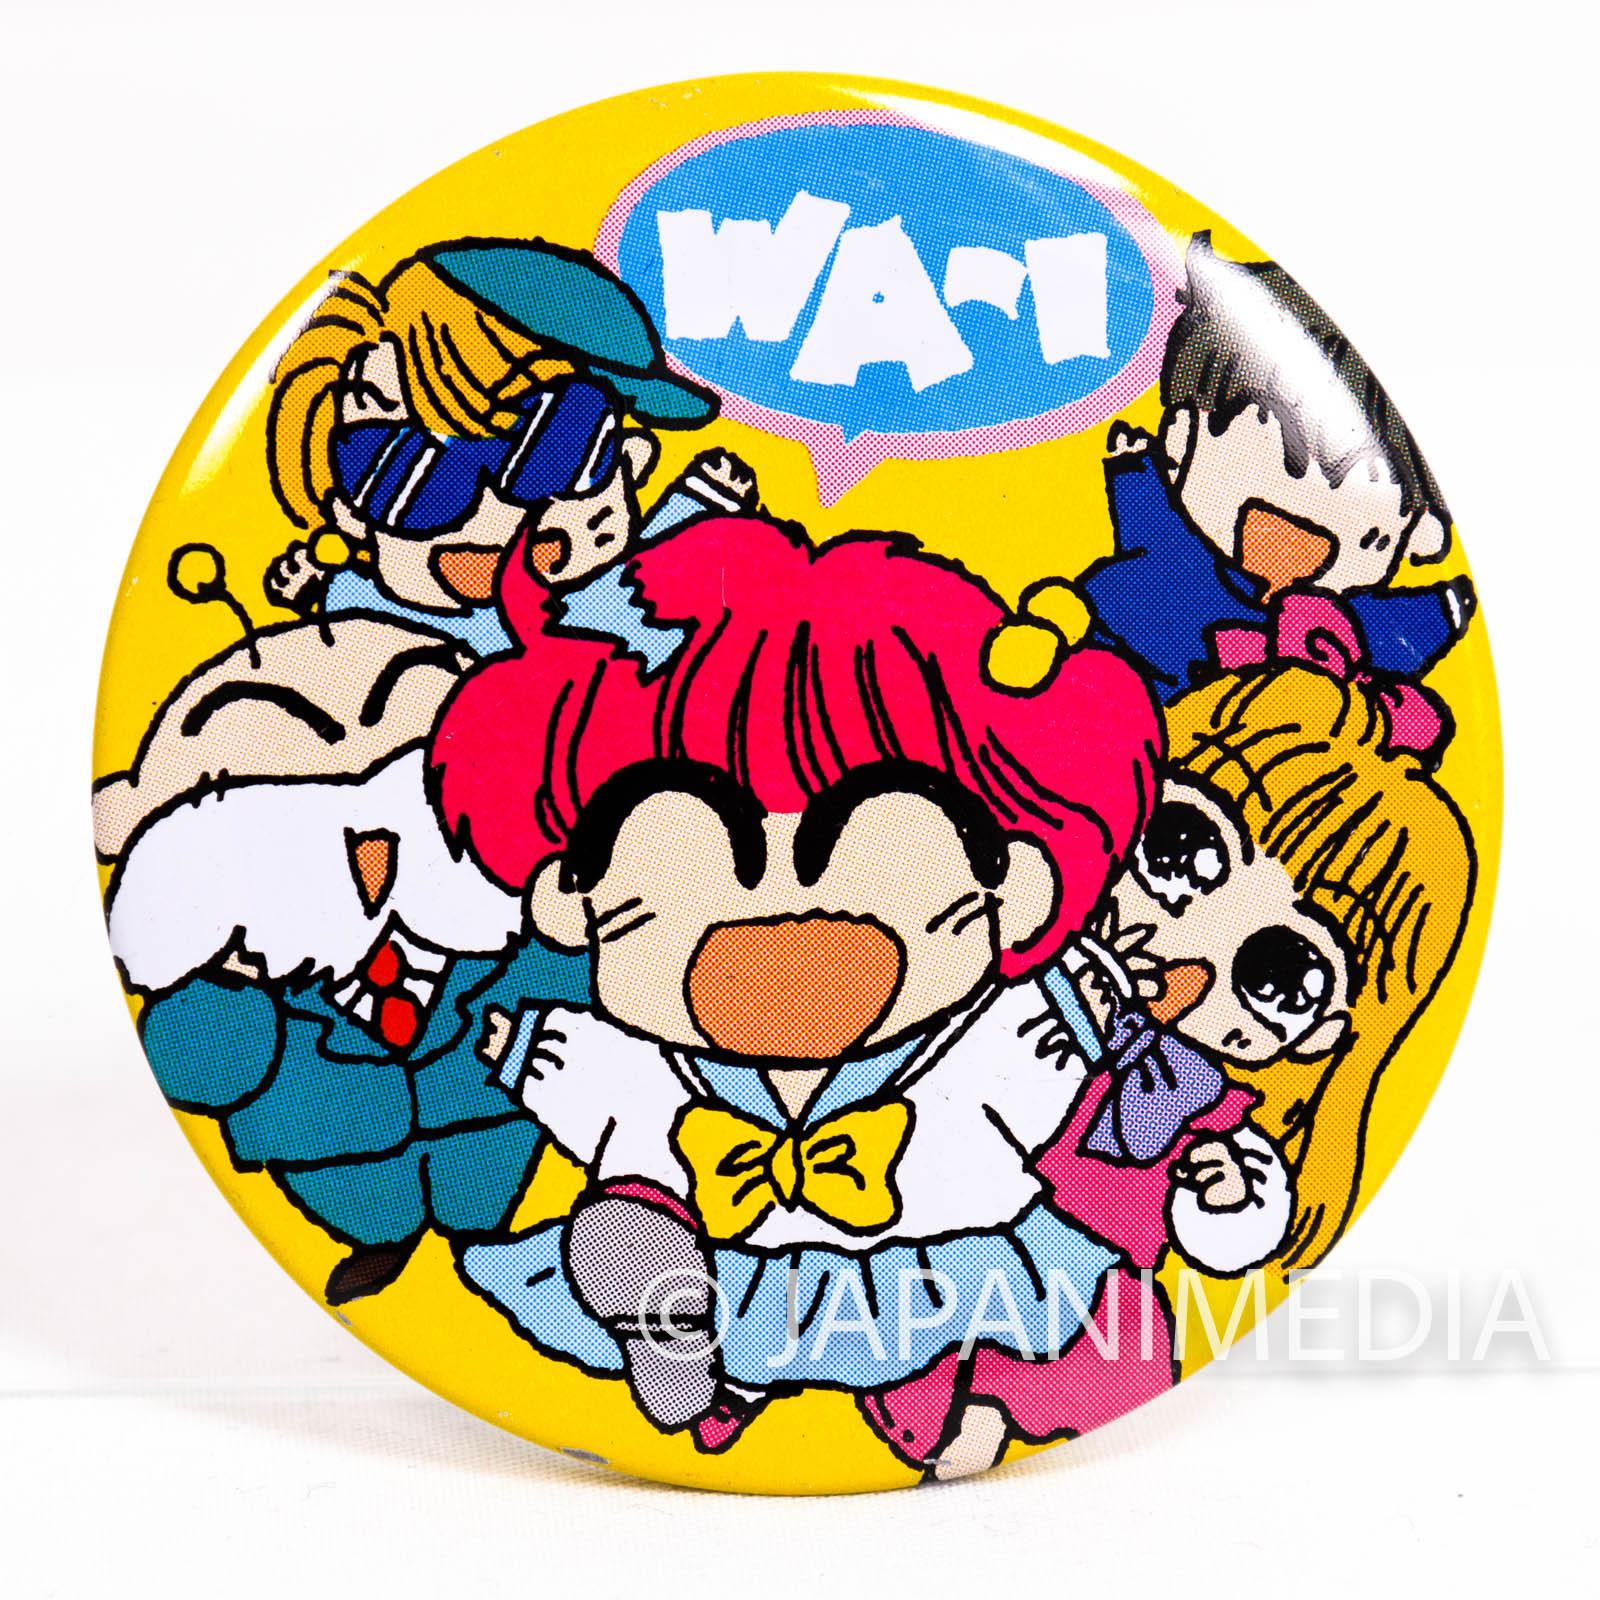 RARE! Goldfish Warning! Button Badge #6 JAPAN ANIME MANGA